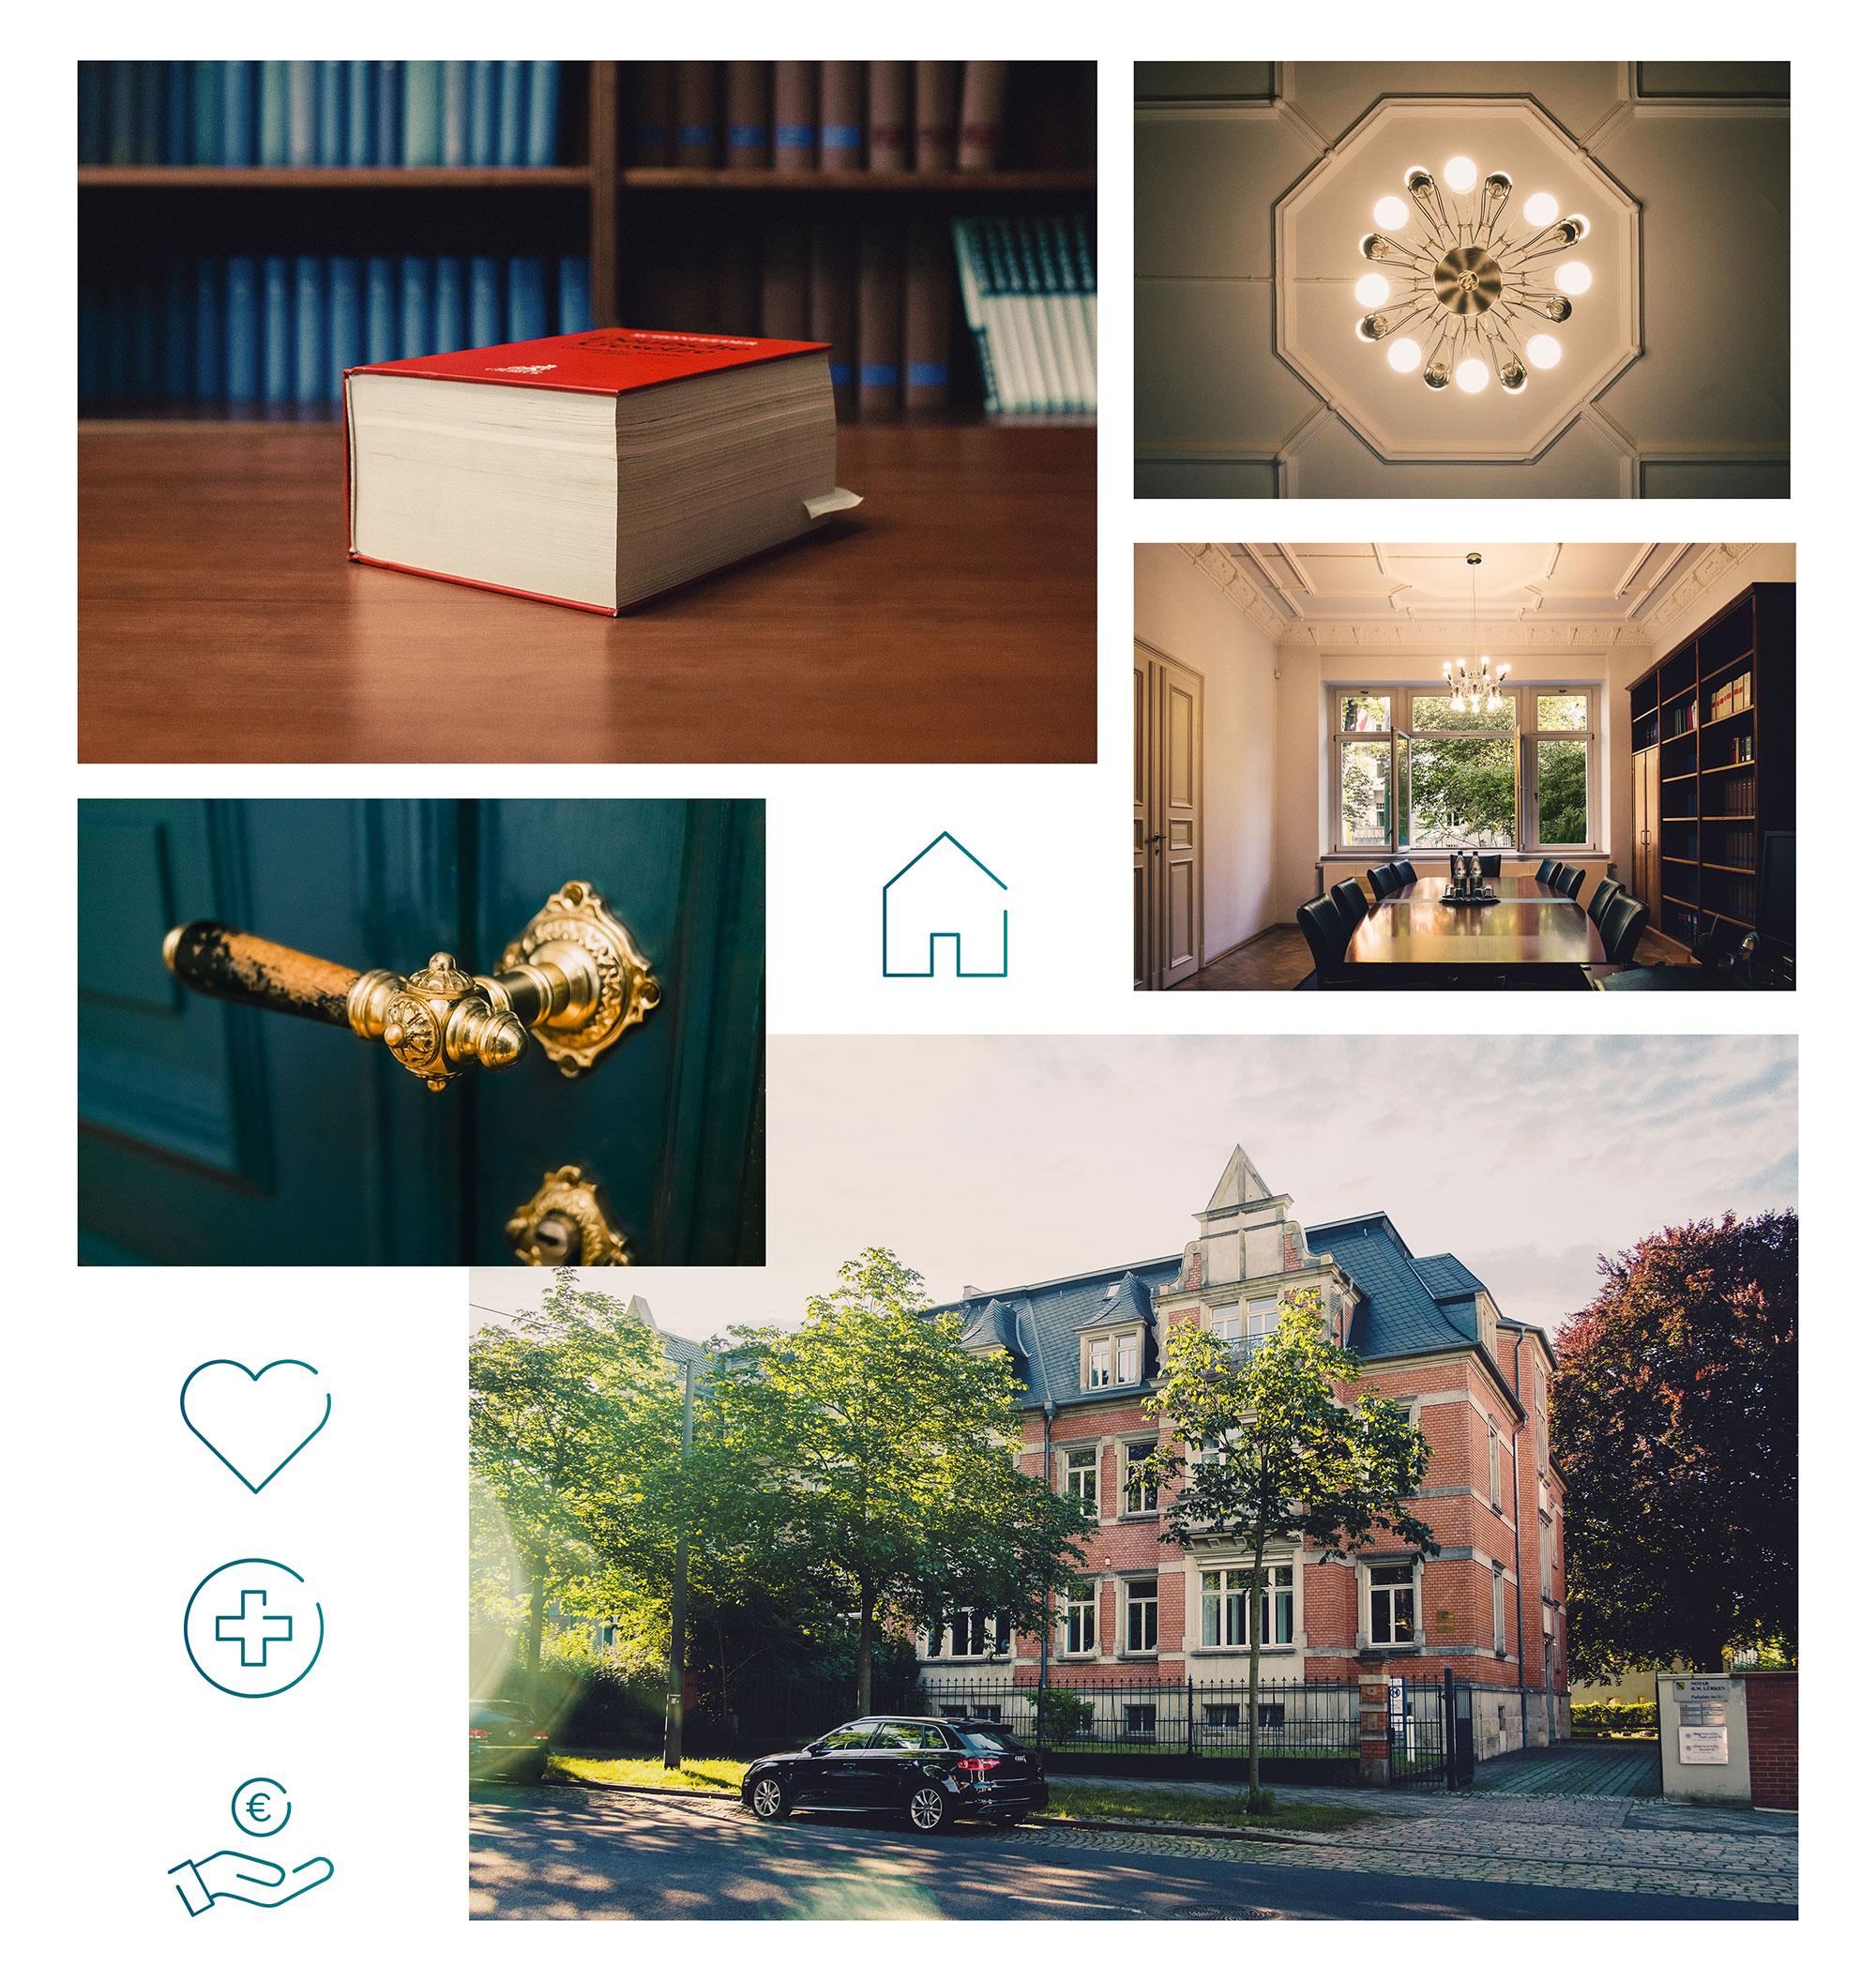 Erstellung von Grafiken und Imagefotos für Website-Relaunch